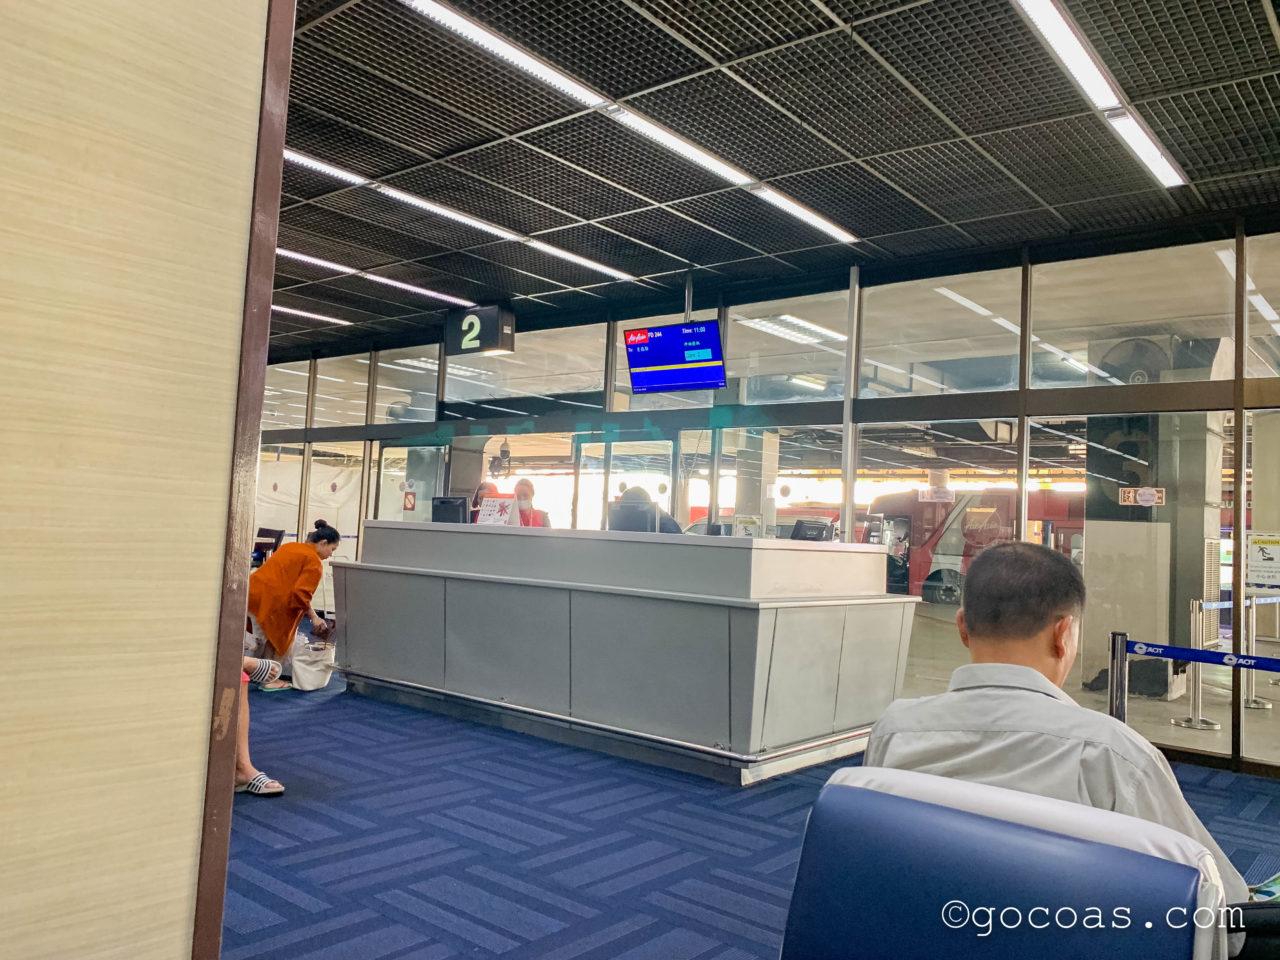 ドンムアン空港の搭乗ゲート